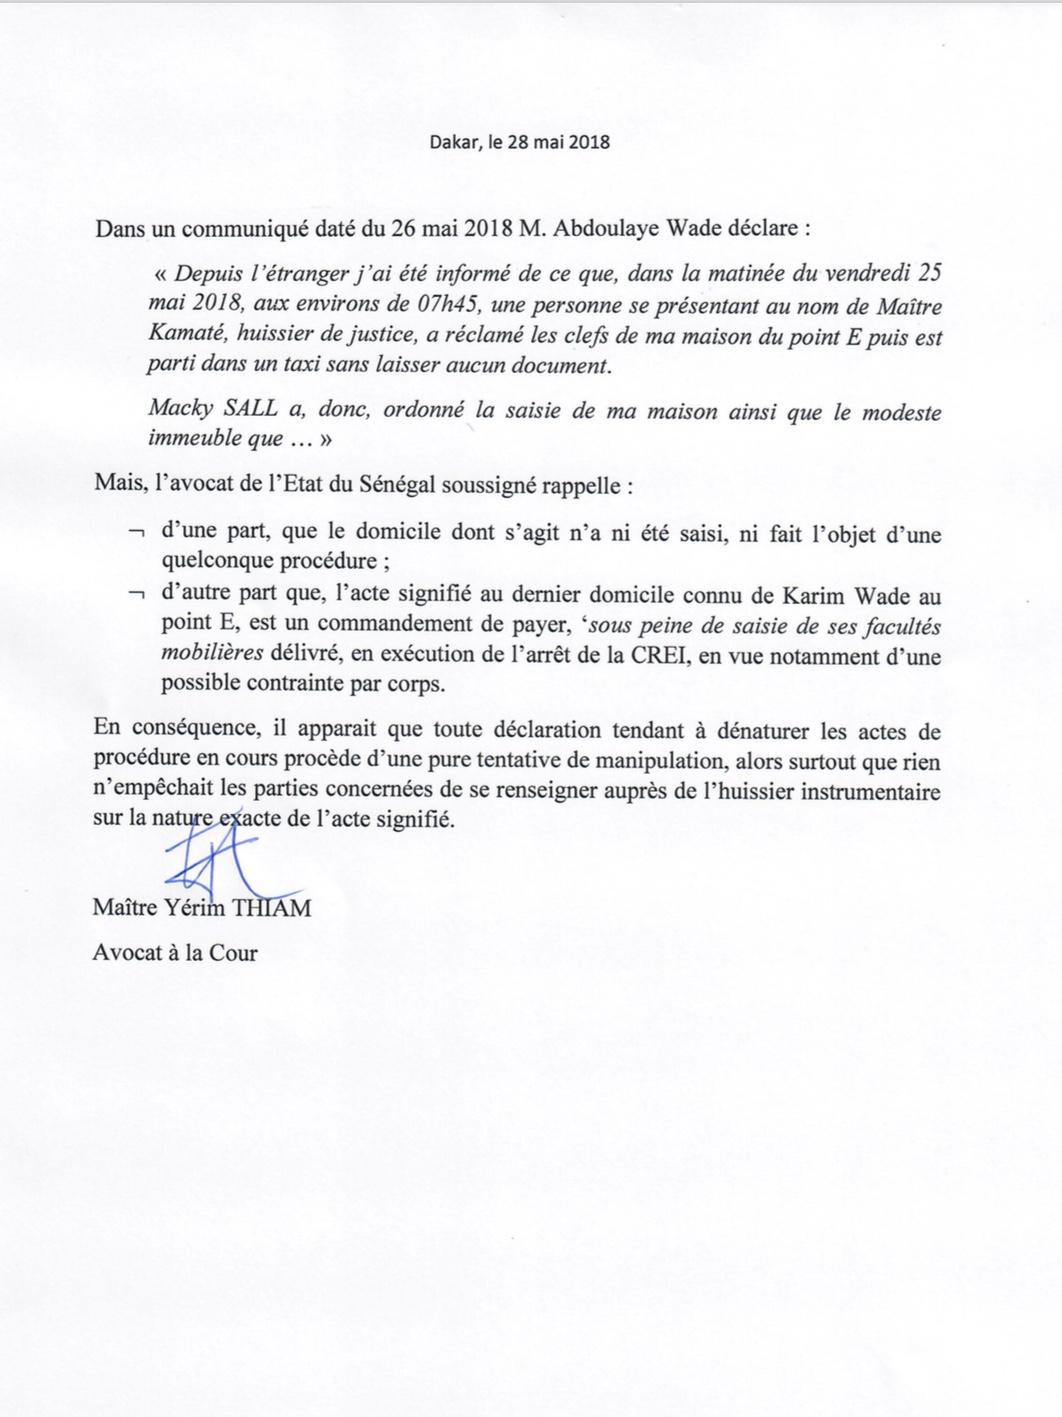 Sortie de Wade sur la saisie des biens de Karim : L'Etat dément et dénonce « une pure tentative de manipulation »